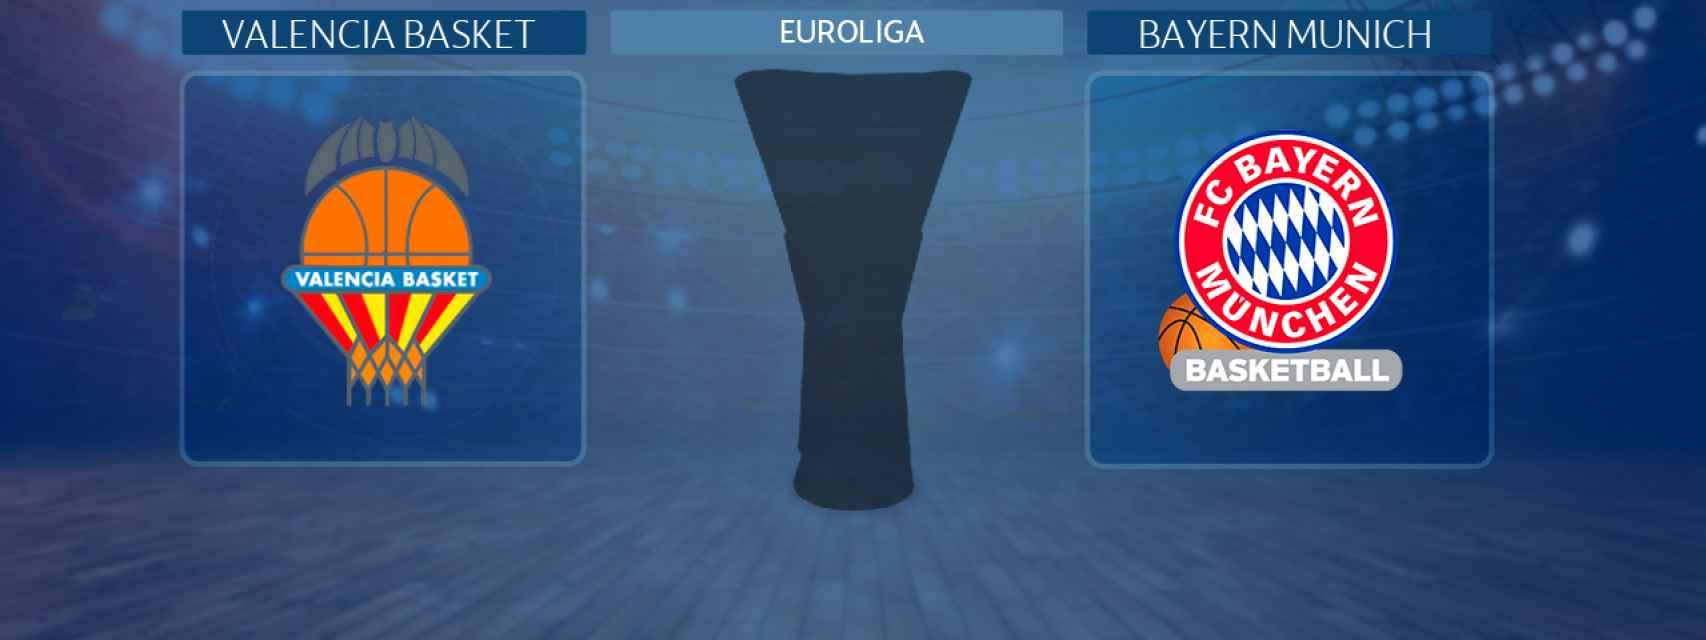 Valencia Basket - Bayern Munich, partido de la Euroliga